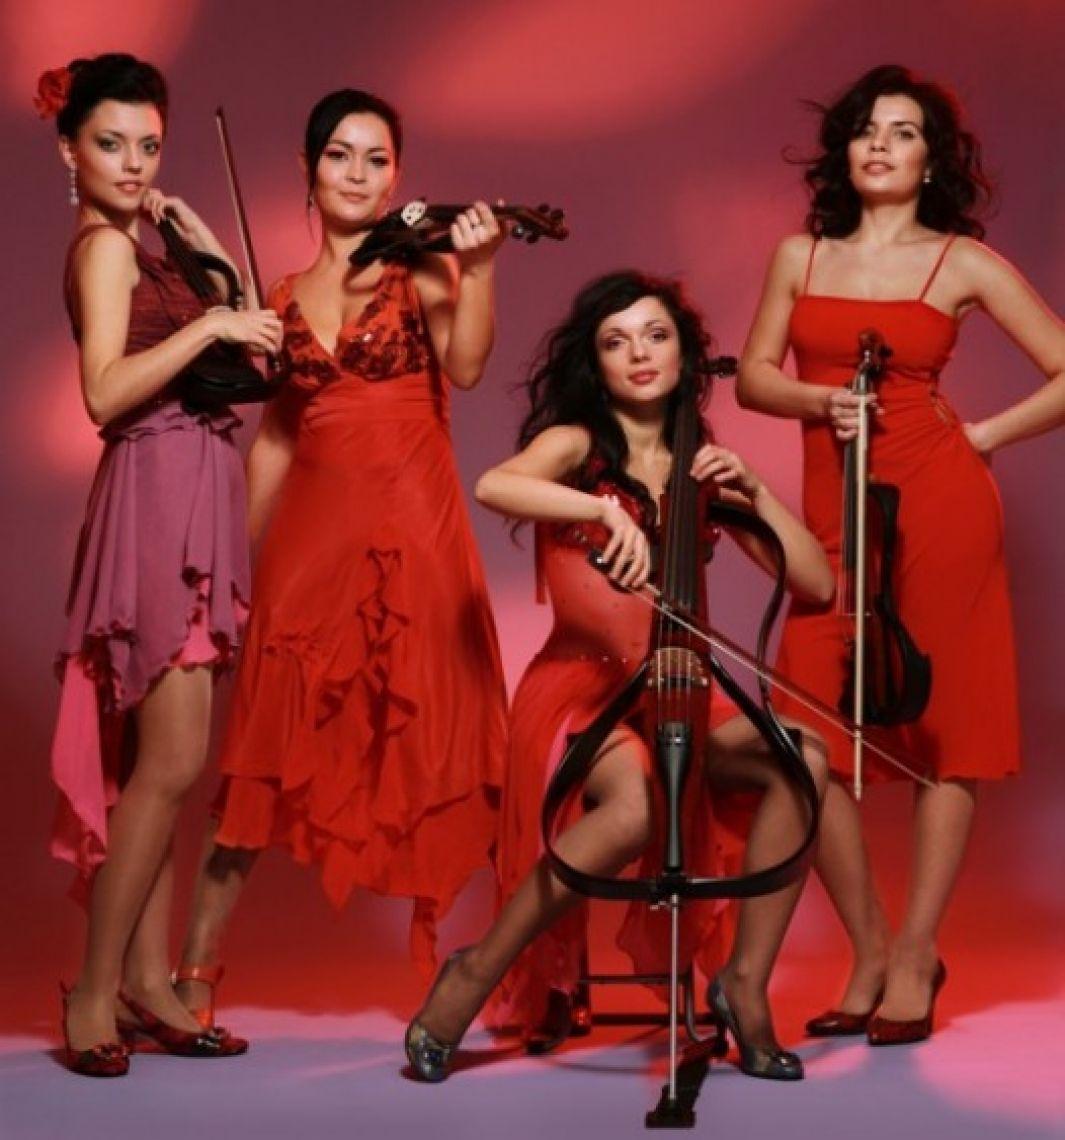 Asturia Quartett Bei dem Electric String Quartett stockt einem der Atem – wow  Vier wunderschöne junge Frauen mit drei Violinen und einem Kontrabass entführen uns in die zauberhafte Welt der Klassik- und Popmusik. Gänsehautfeeling pur. Die Absolventen des Konservatoriums in Kiev präsentieren eine umwerfende Sreichquartett-Show, untermalt mit Elektronikklängen, Lichteffekten und einer grandiose Bühnenshow. Die Verbindung von Klassikmusik mit modernen Rhythmen der heutigen Zeit schafft ein Wellenbad an Emotionen. Ausdrucksstark und energiegeladen verleihen die vier Künstlerinnen von ASTURIA der Klassik einen neuen Charakter. Sie spielen in Museen, Kirchen und begeistern Jung und Alt auf den Bühnen der Welt.  Freuen Sie sich auf ASTURIA – klassische Rhythmen, präsentiert von umwerfenden Frauen in einer atemberaubenden Musik-Show.